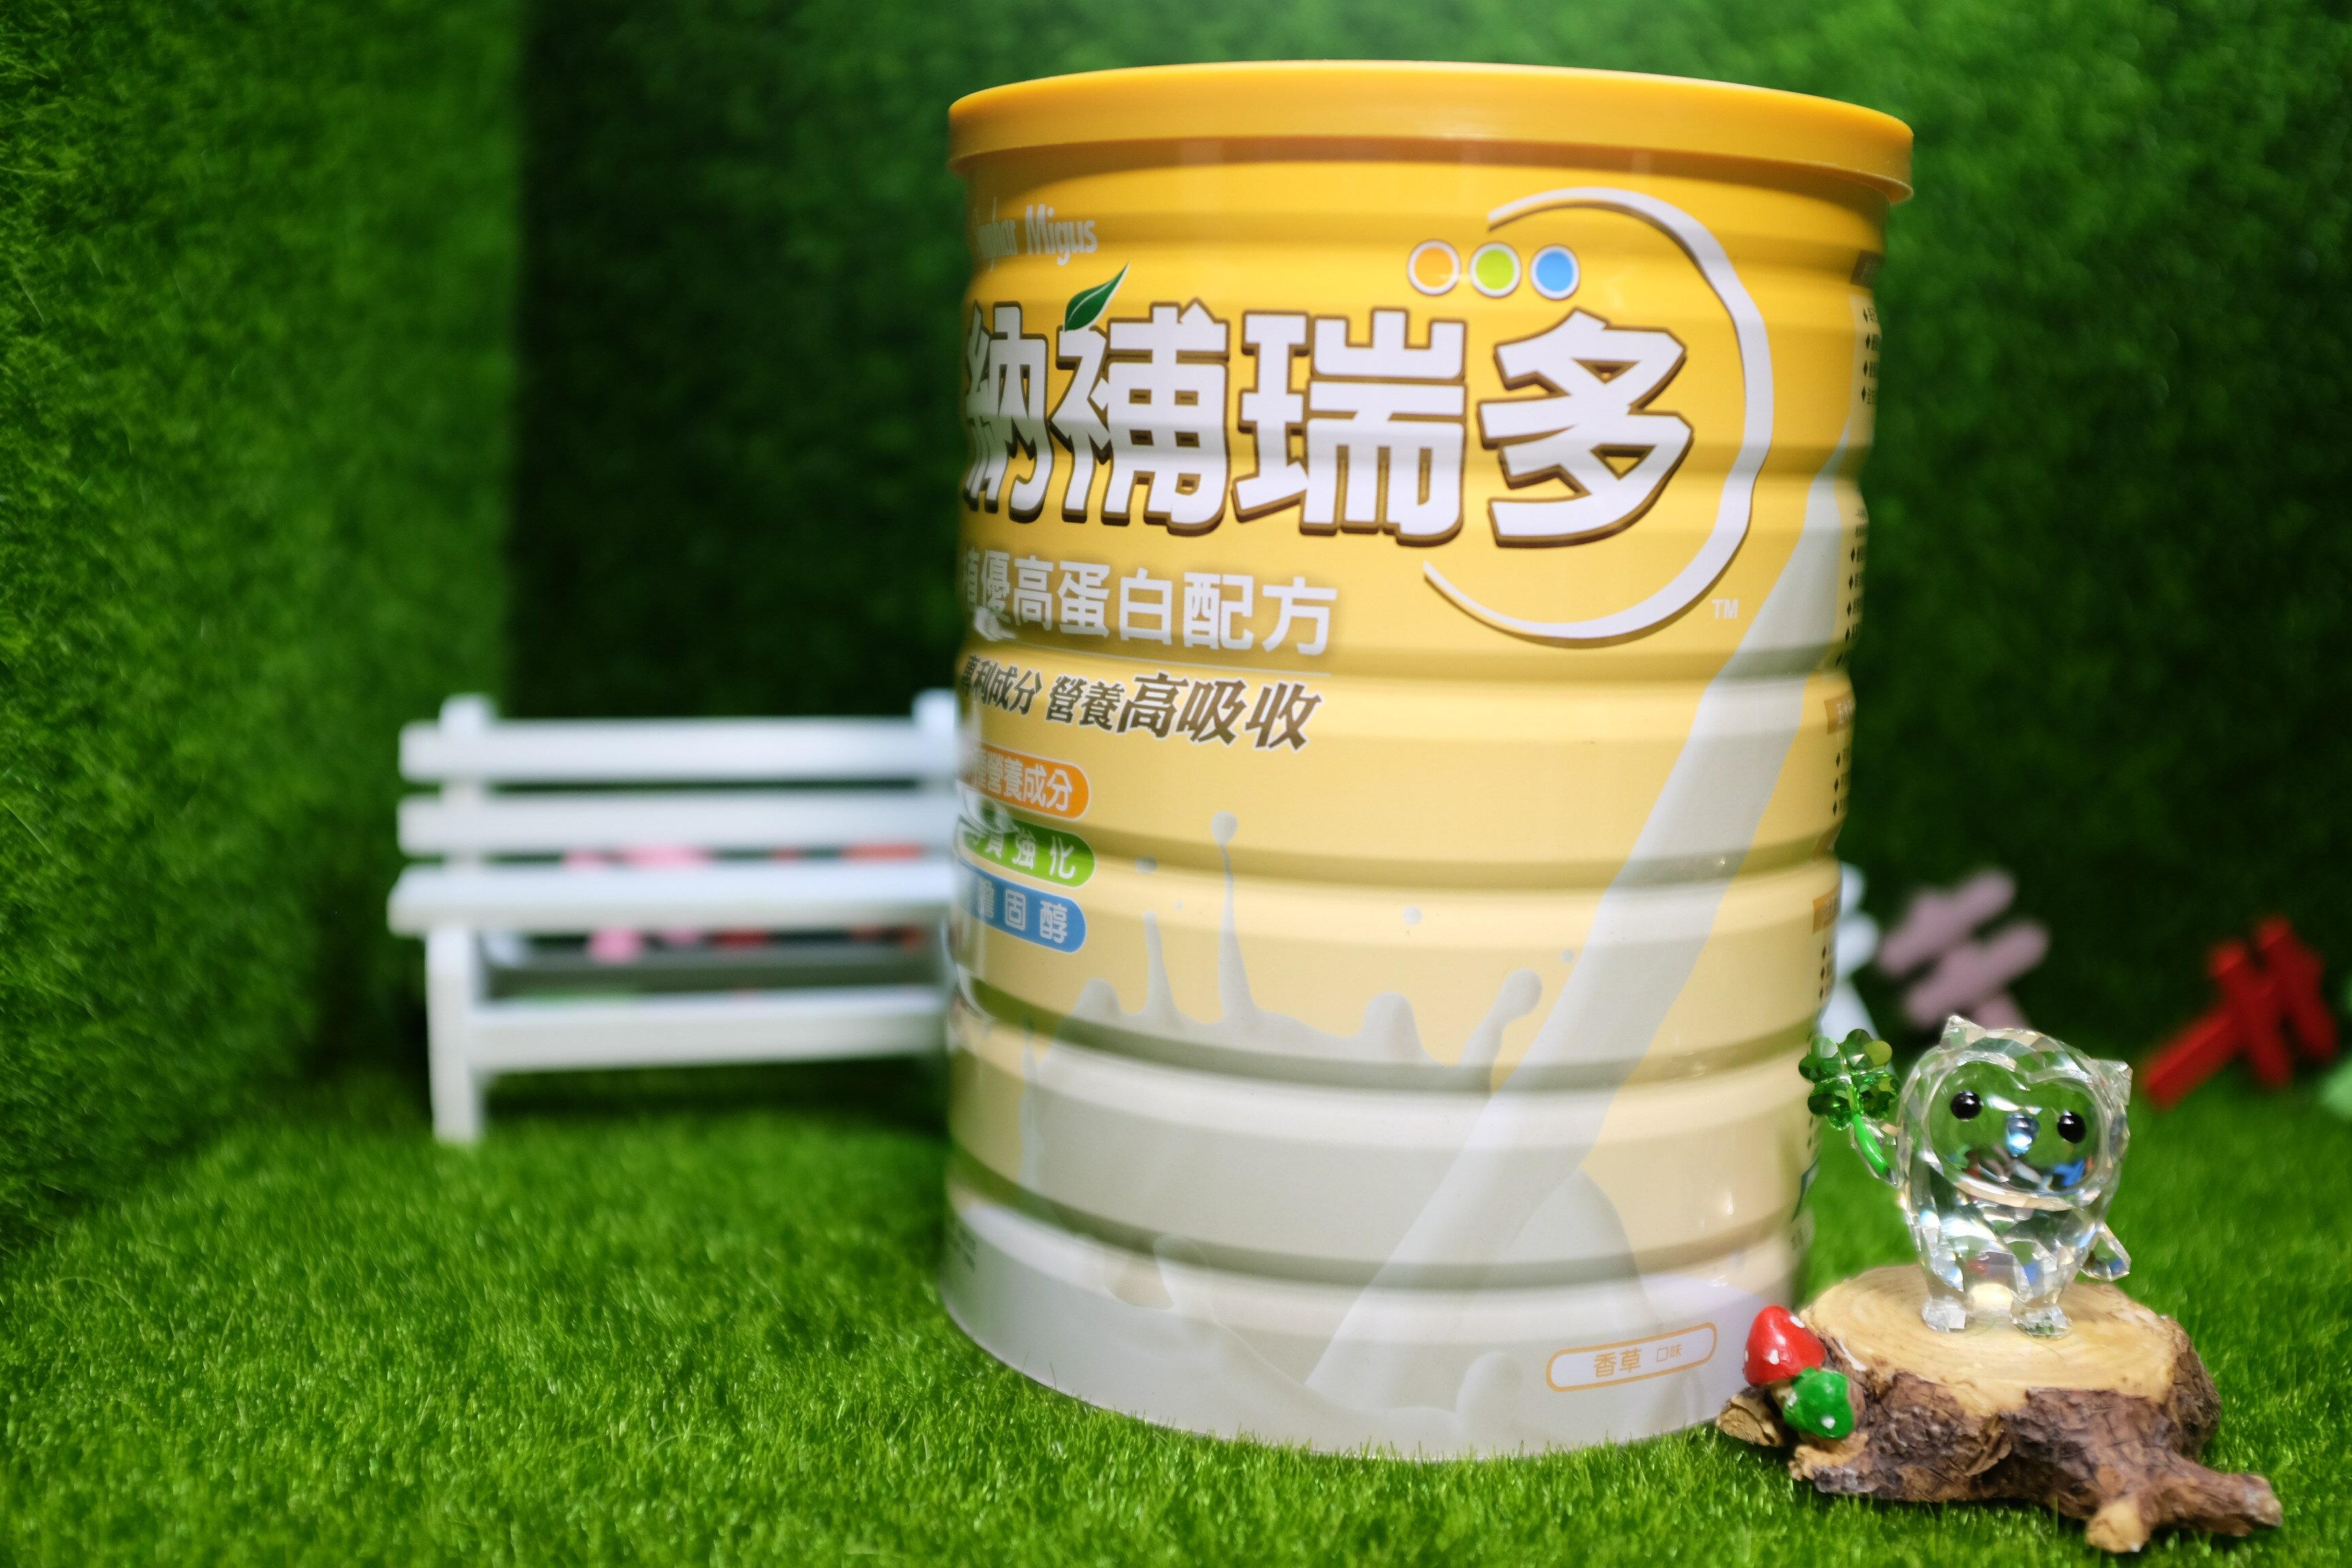 納補瑞多 香草口味 700g#植優高蛋白配方